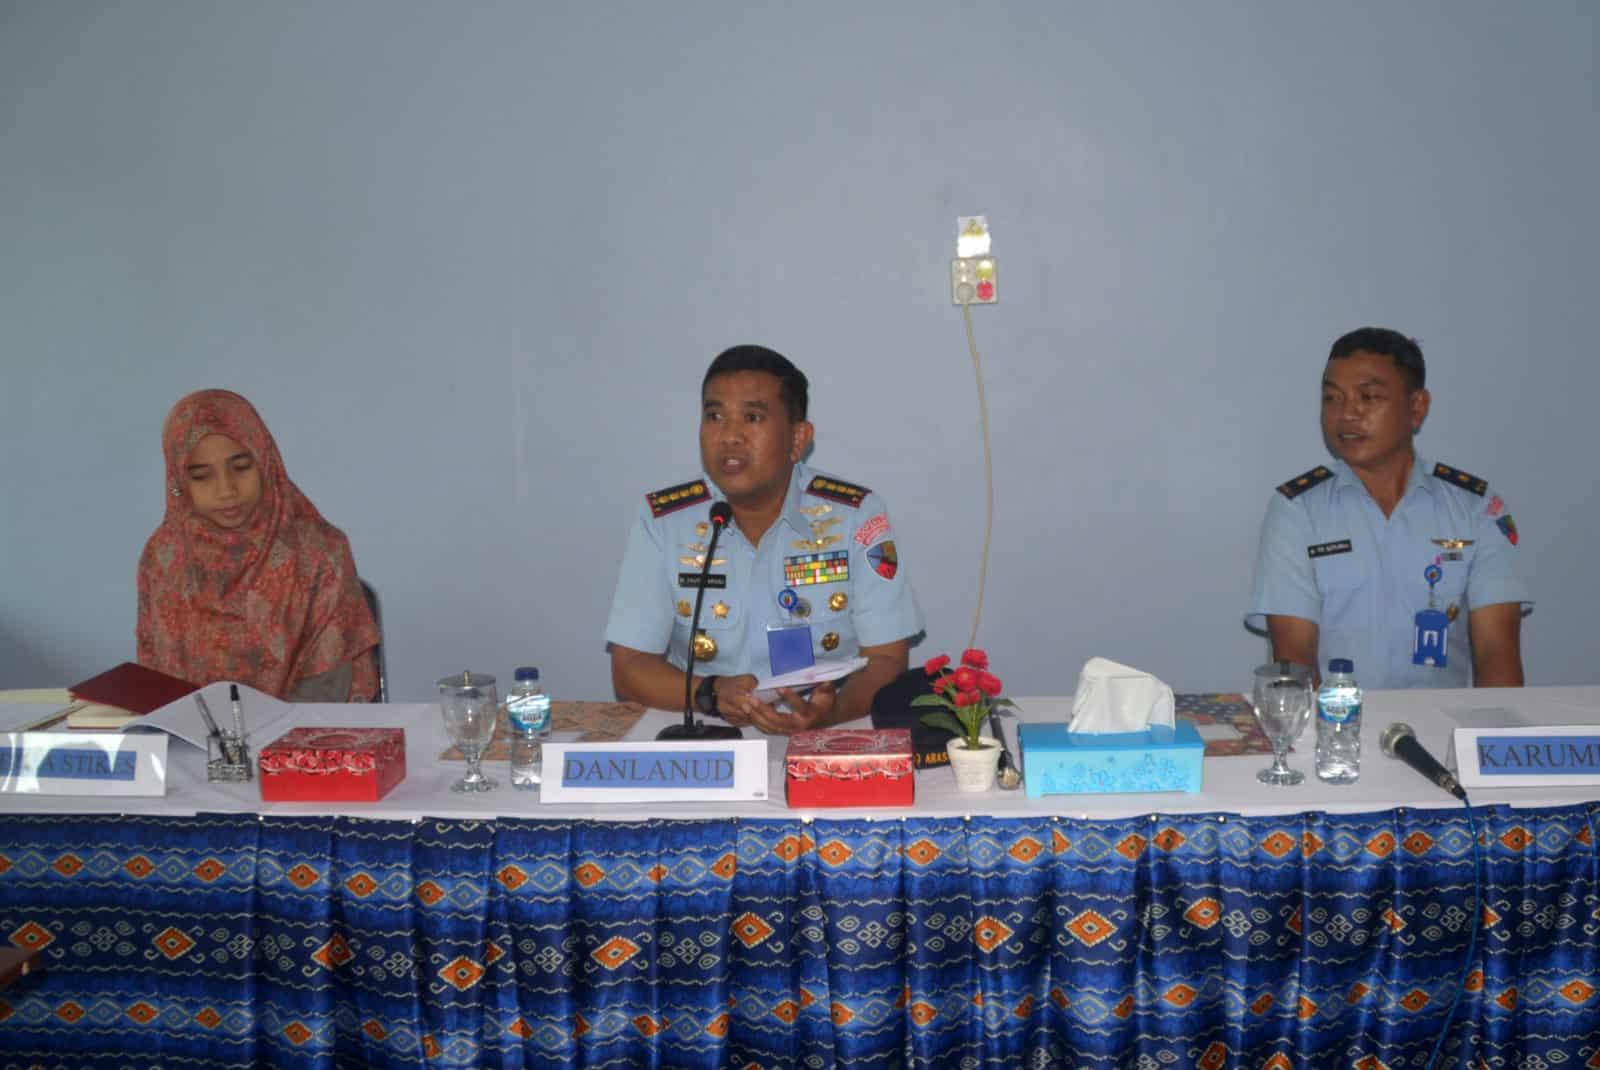 Mahasiswa Stikes Husada Borneo Banjarbaru Laksanakan Praktek Kerja Lapangan (PKL) di Rumkit Sjamsudin Noor